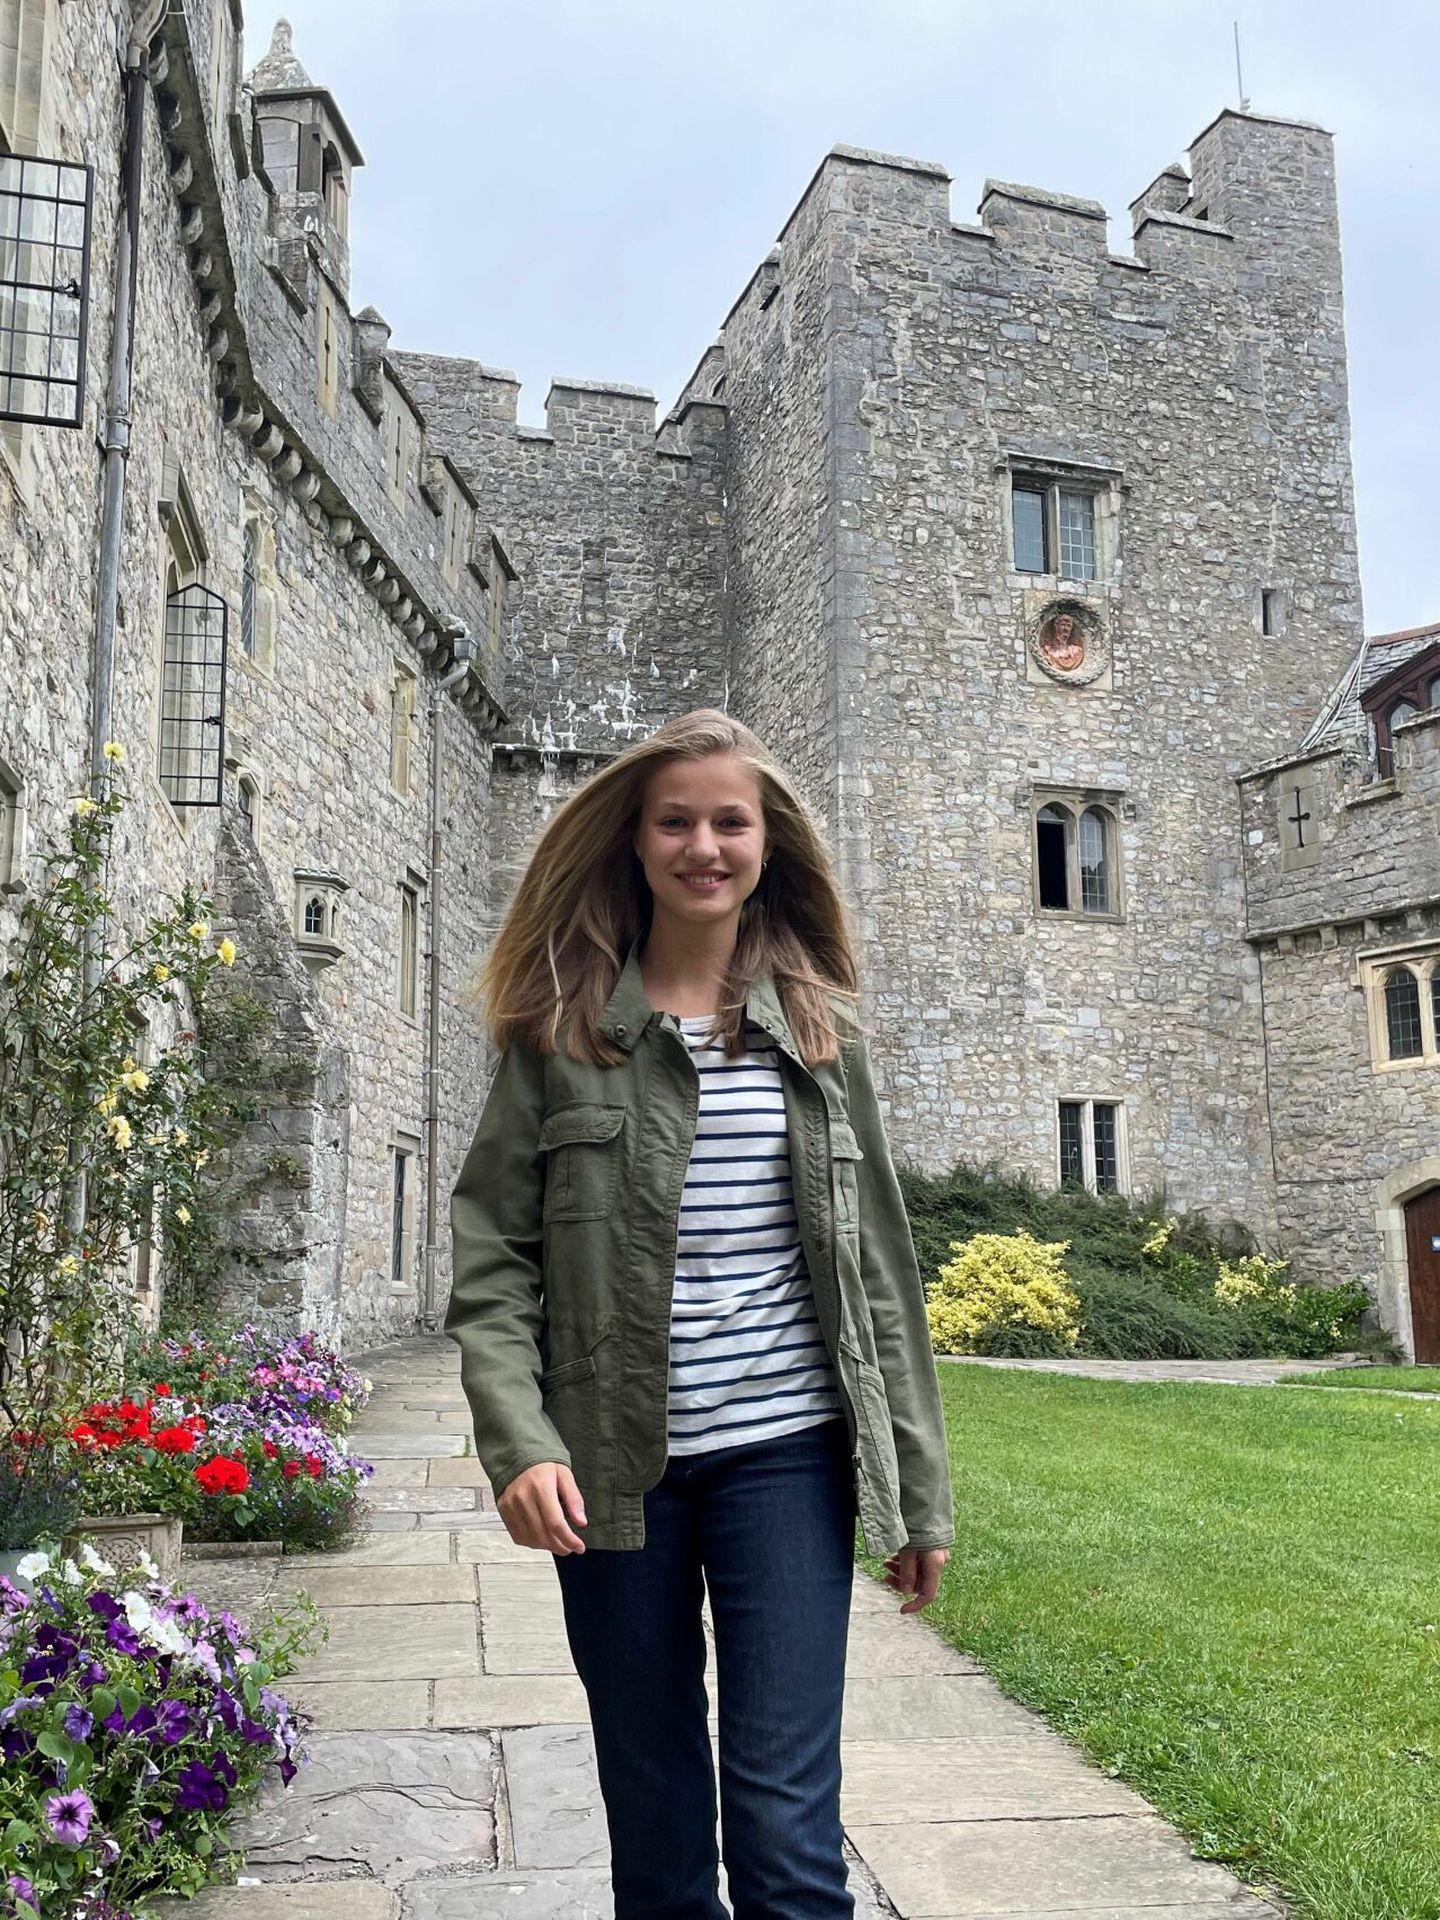 La princesa Leonor, a su llegada a Gales. (Casa de S. M. el Rey / EFE)